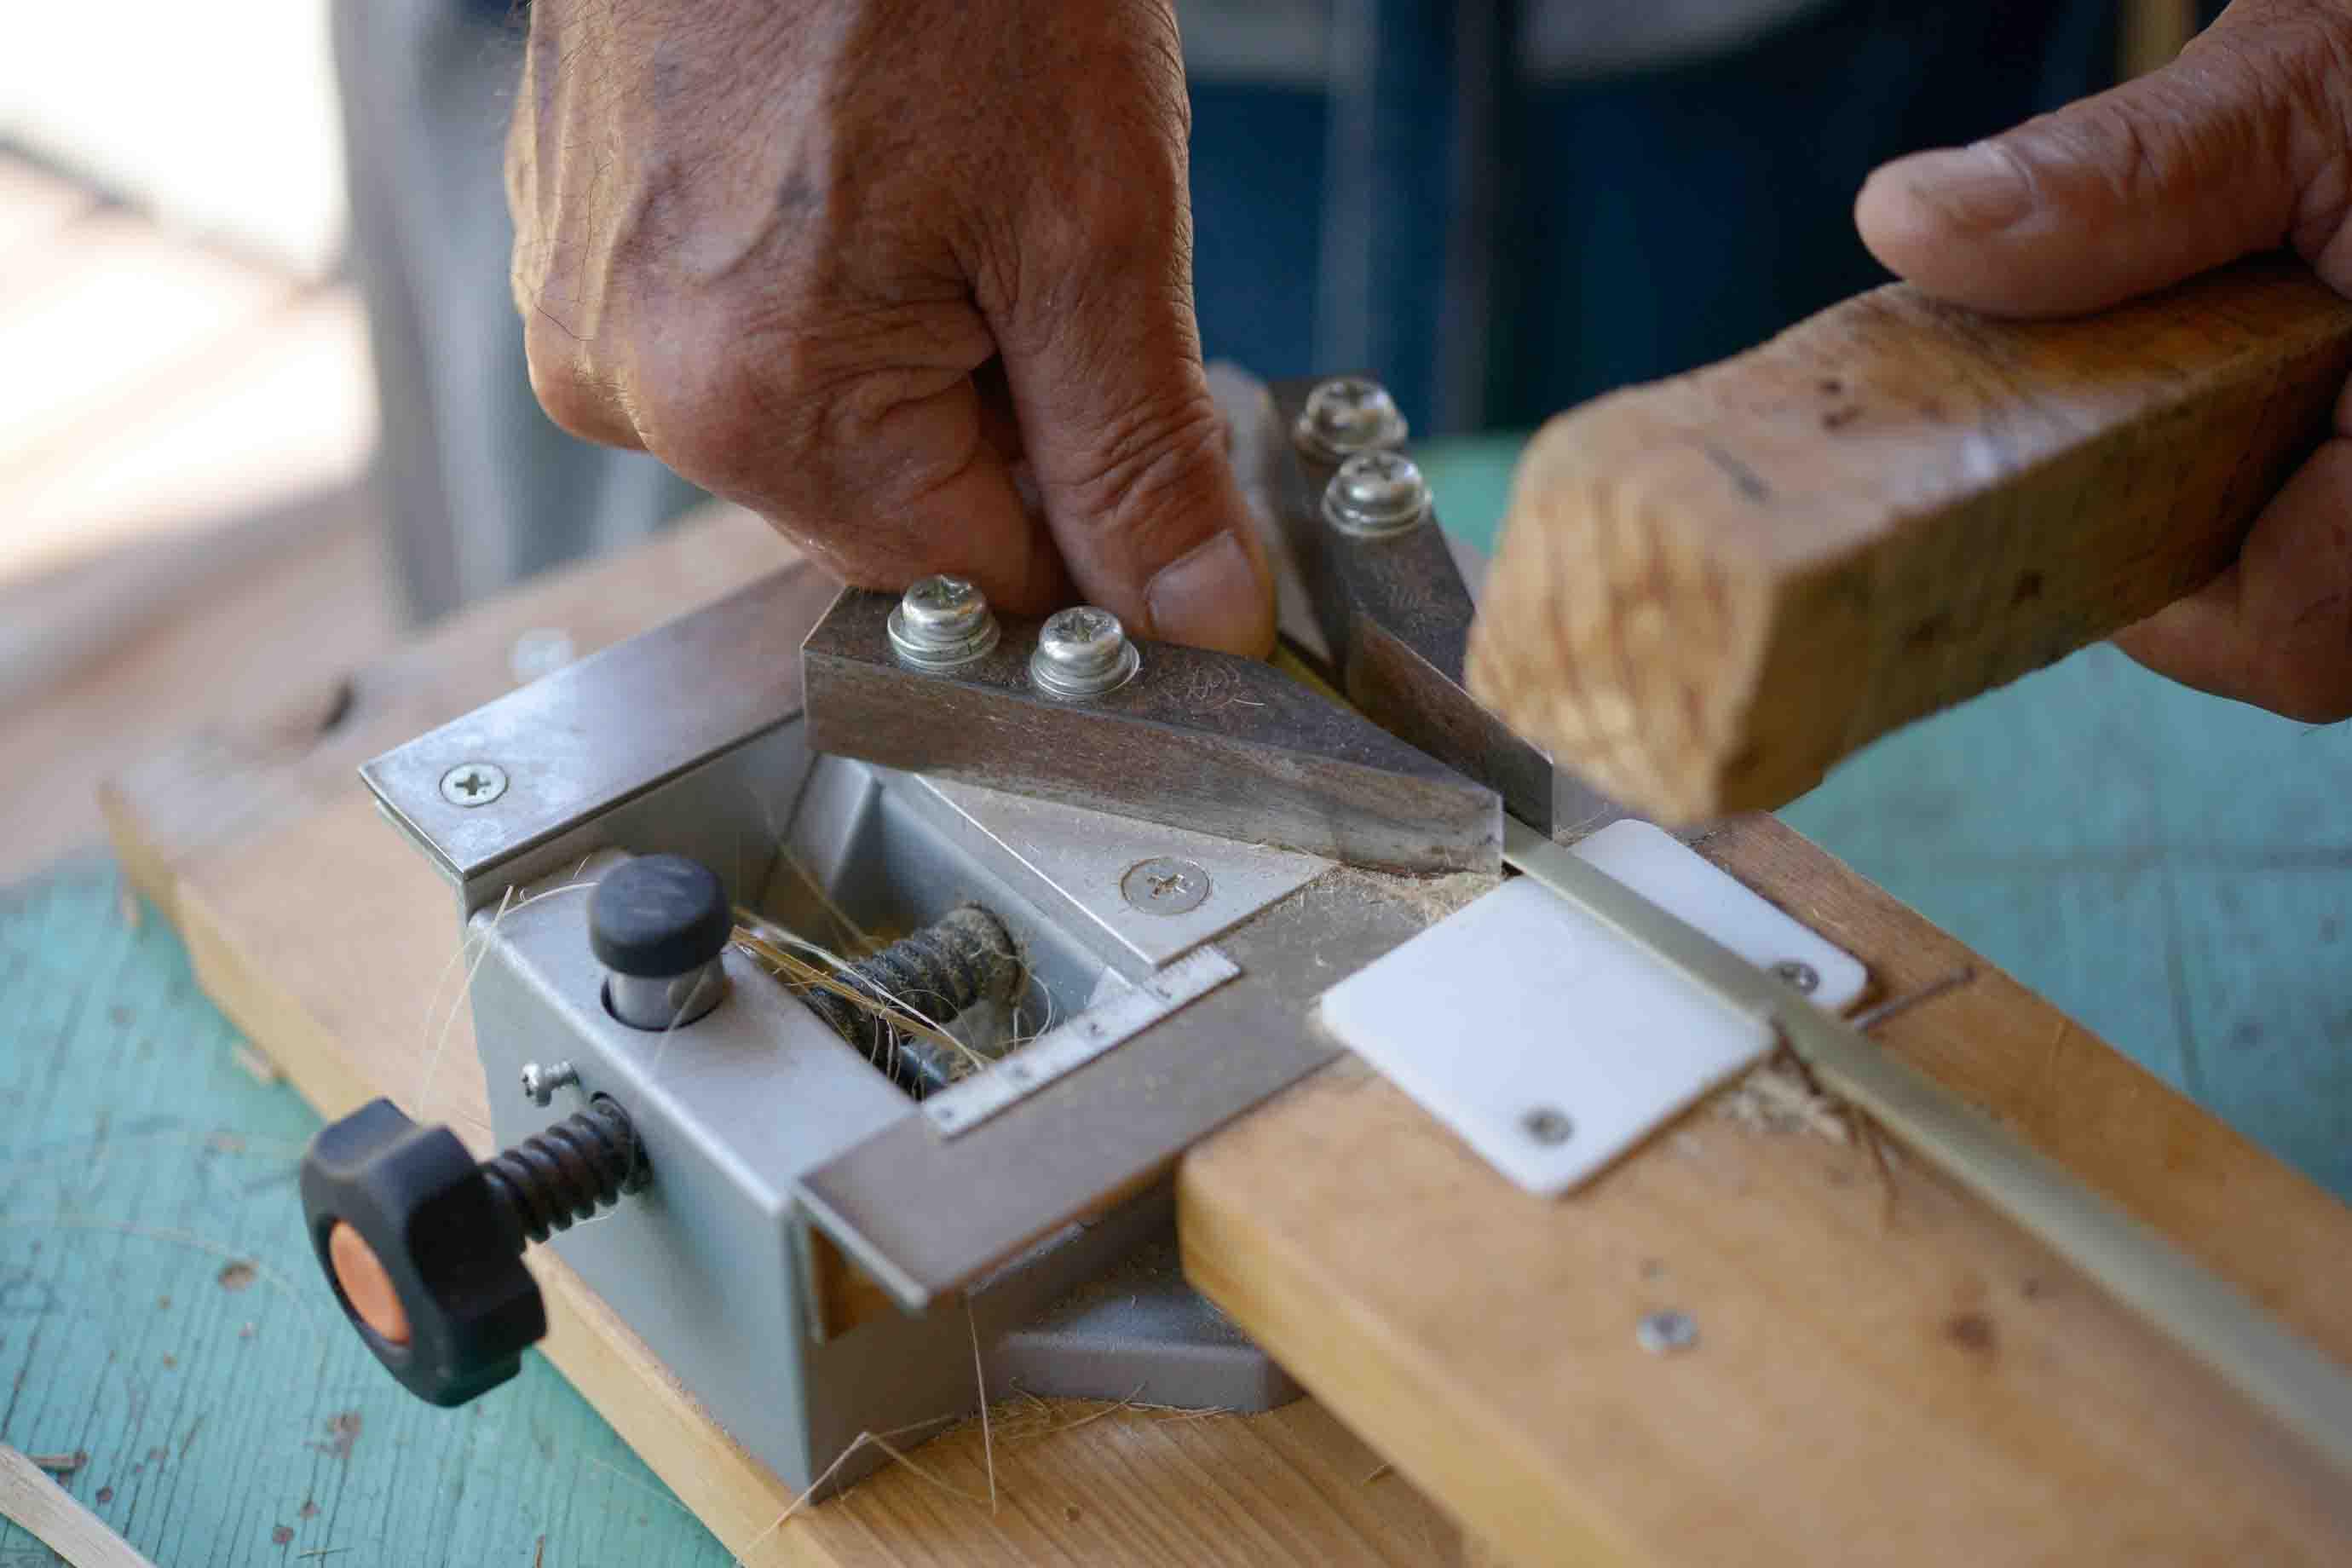 ひごを均等な幅に削る工具